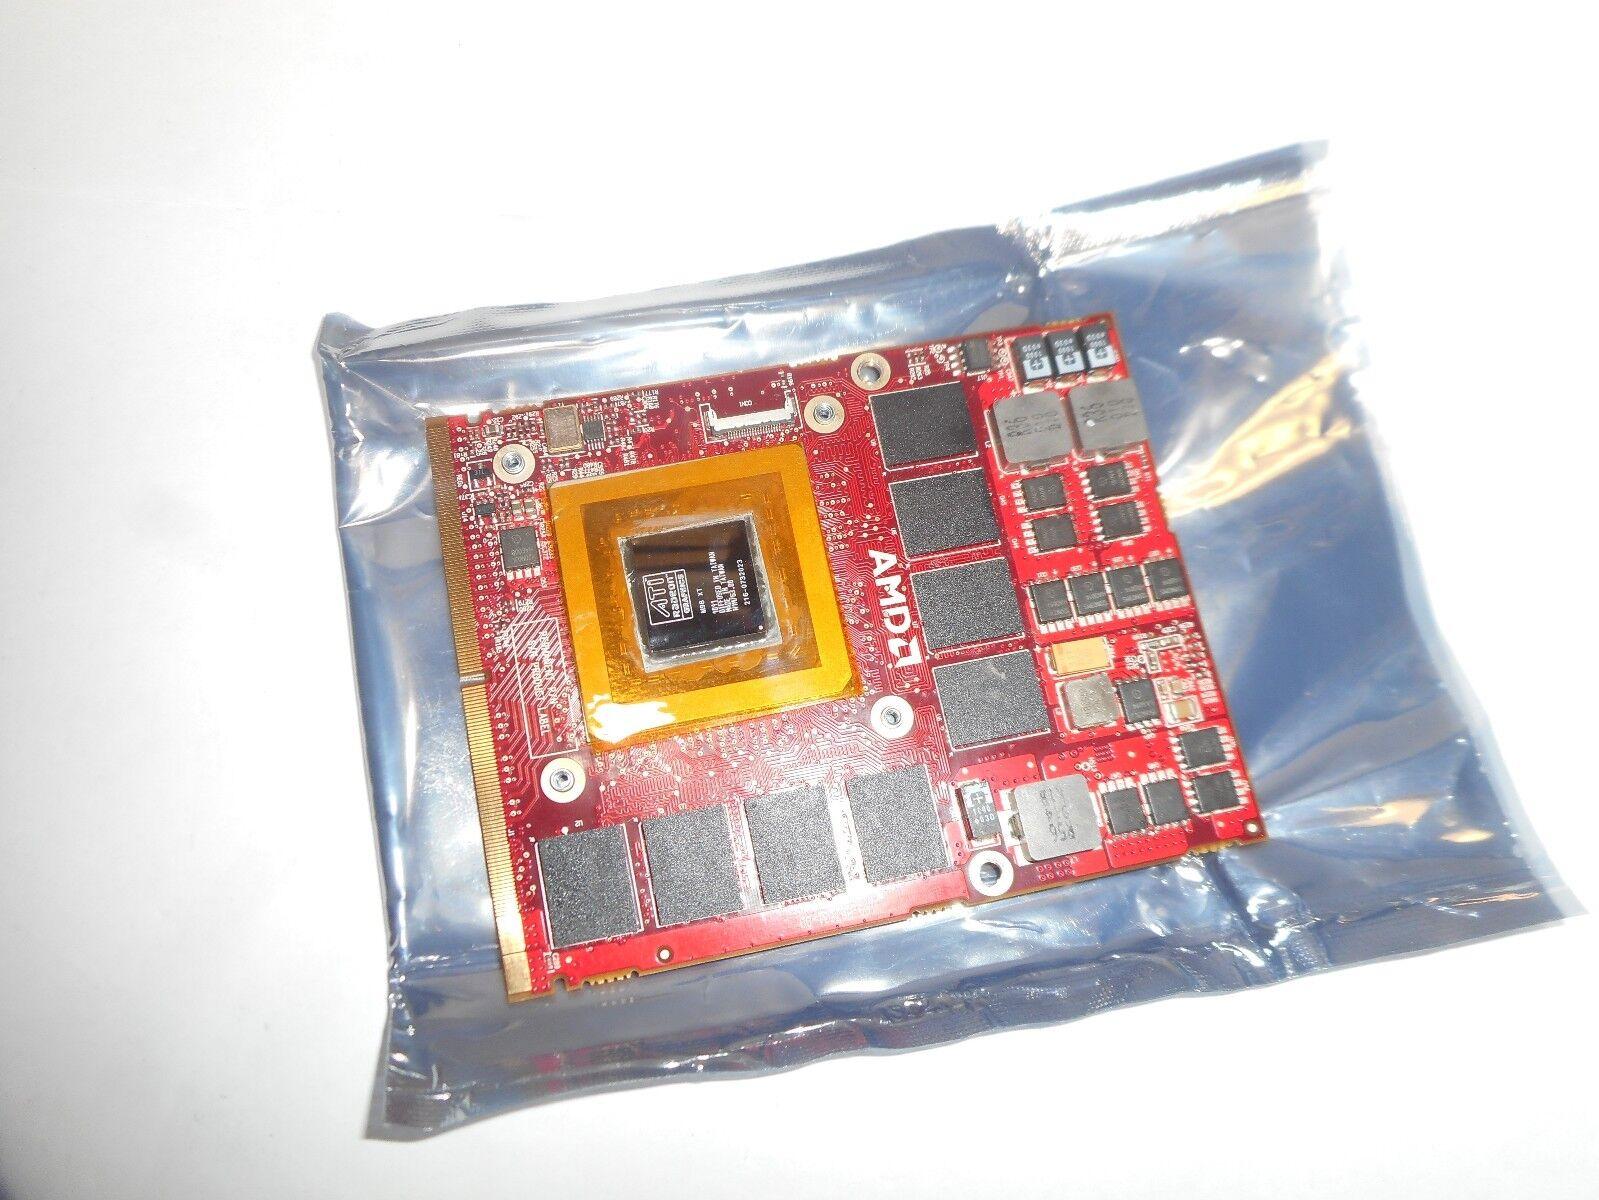 Dell Alienware M17x ATI Radeon HD4870 4870 1GB vga Video Card